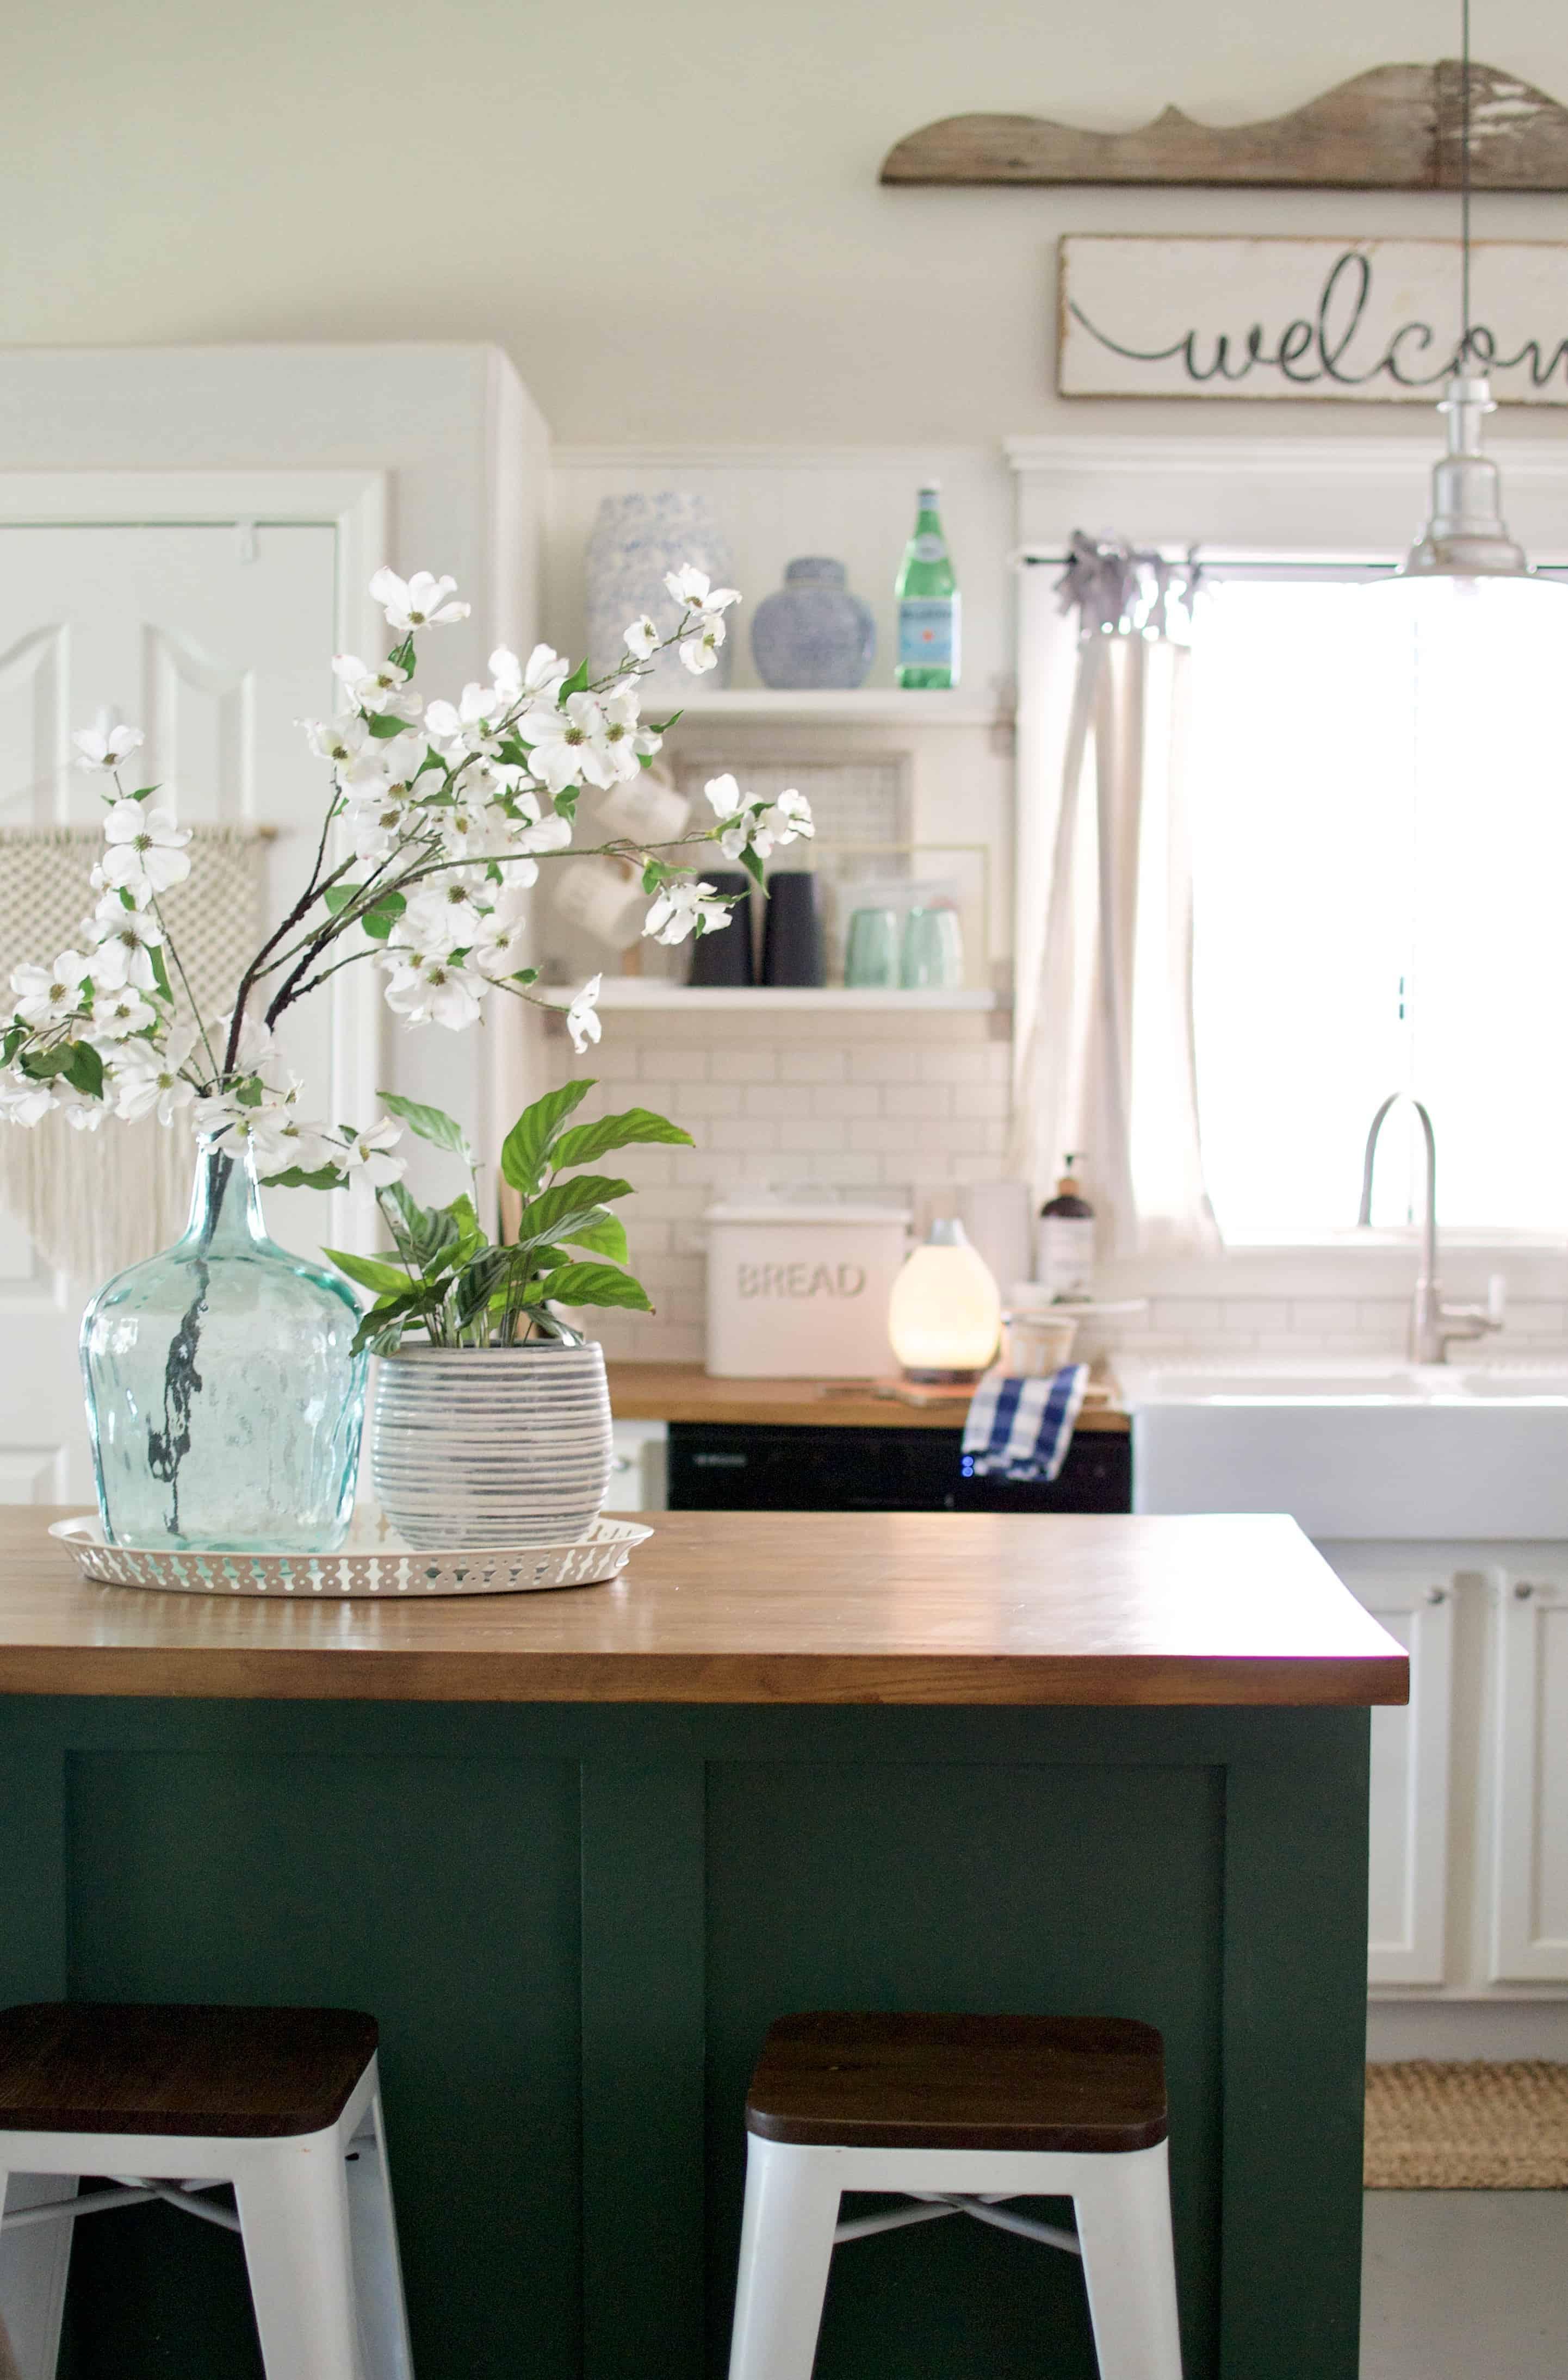 Kitchen Shelf Styling Tips.